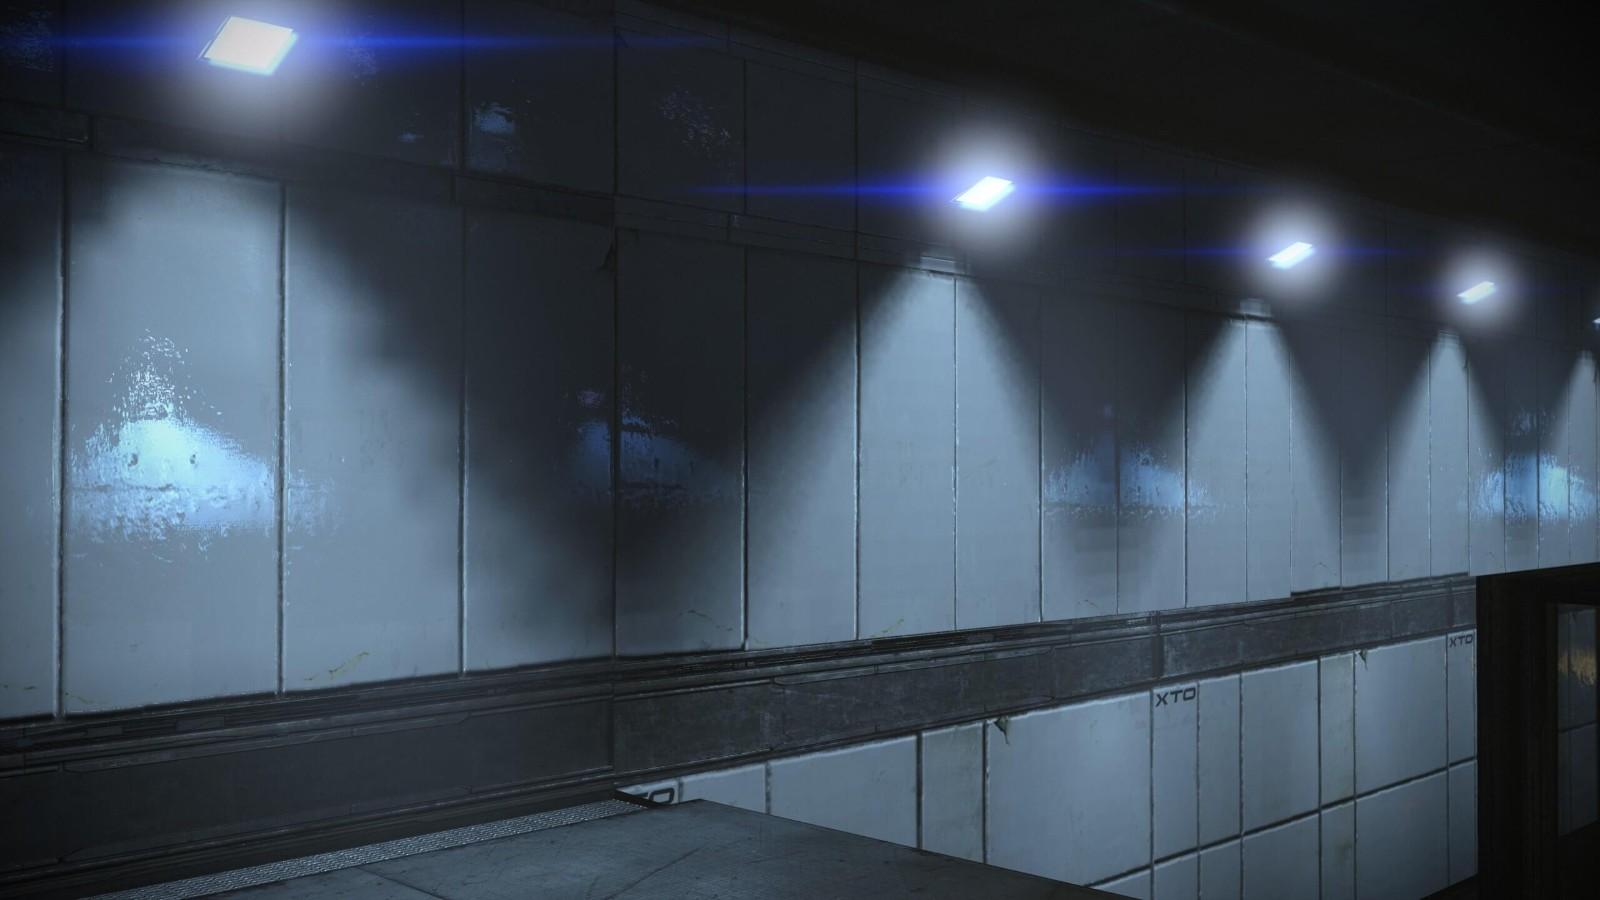 《质量效应:传奇版》最好的画质MOD发布 截图对比  第8张